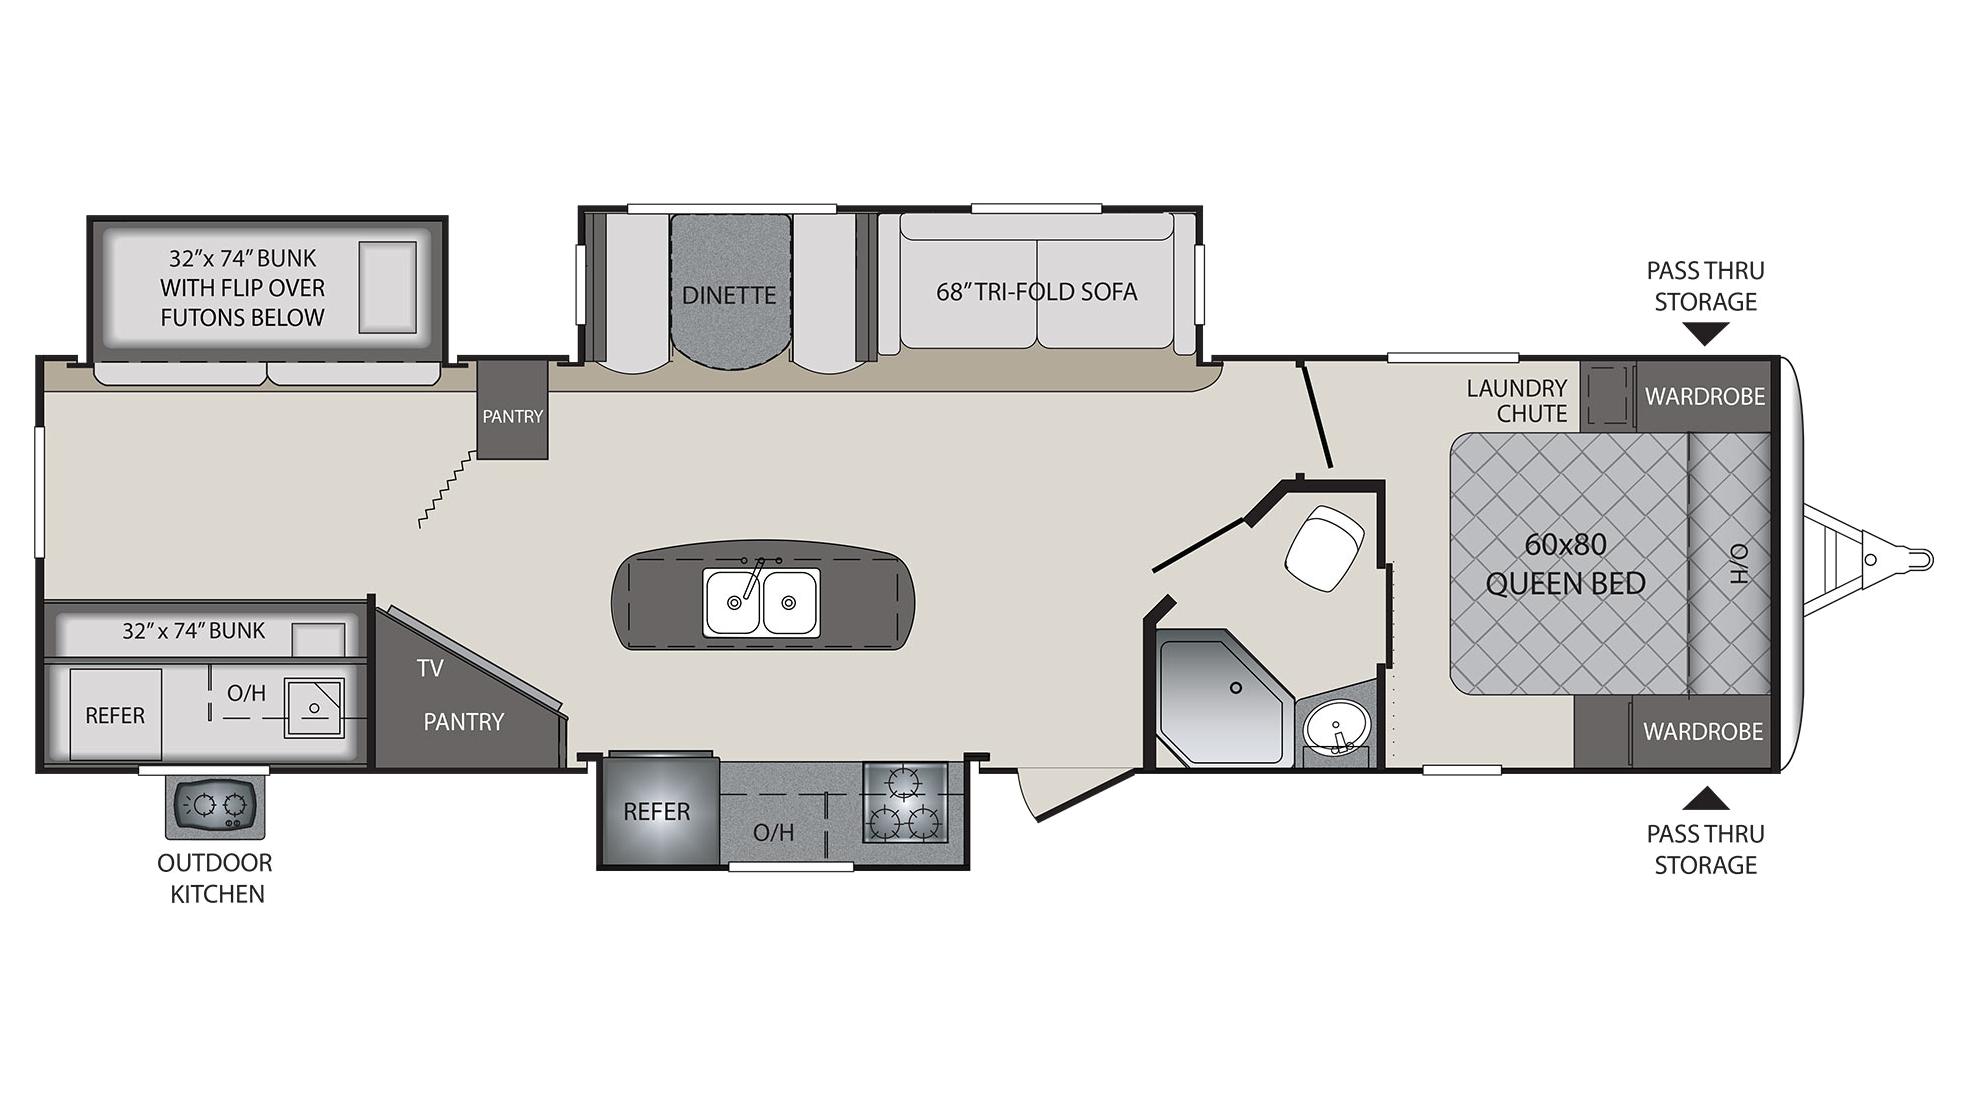 Keystone Bullet Rv Floor Plans: 2018 Keystone Premier 34BHPR Camper